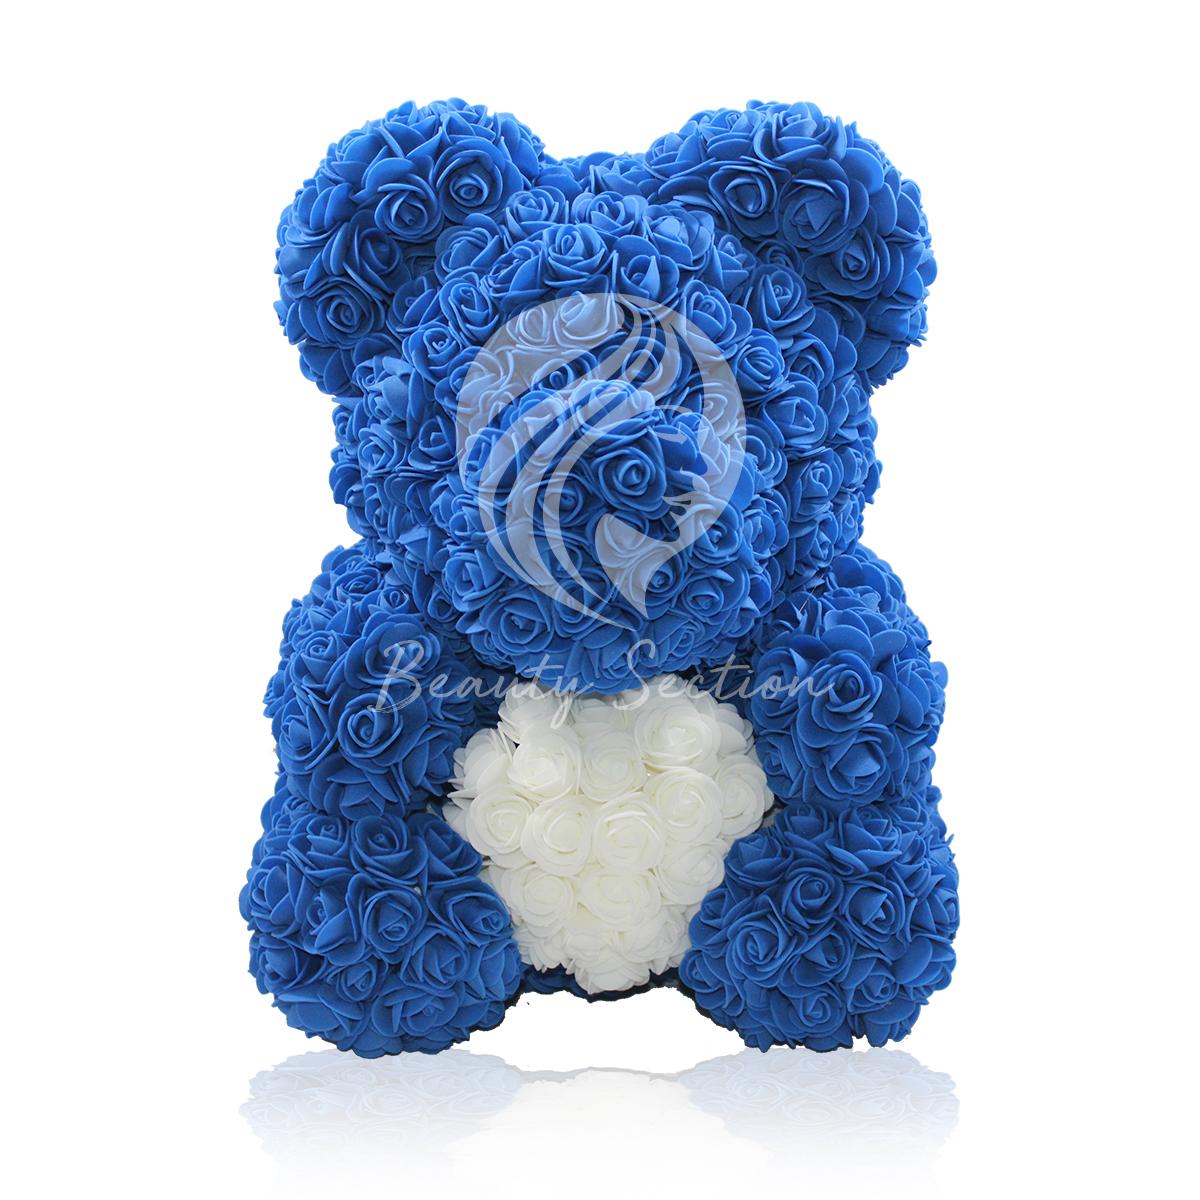 Rosenbär Blau mit weißem Herz 40cm